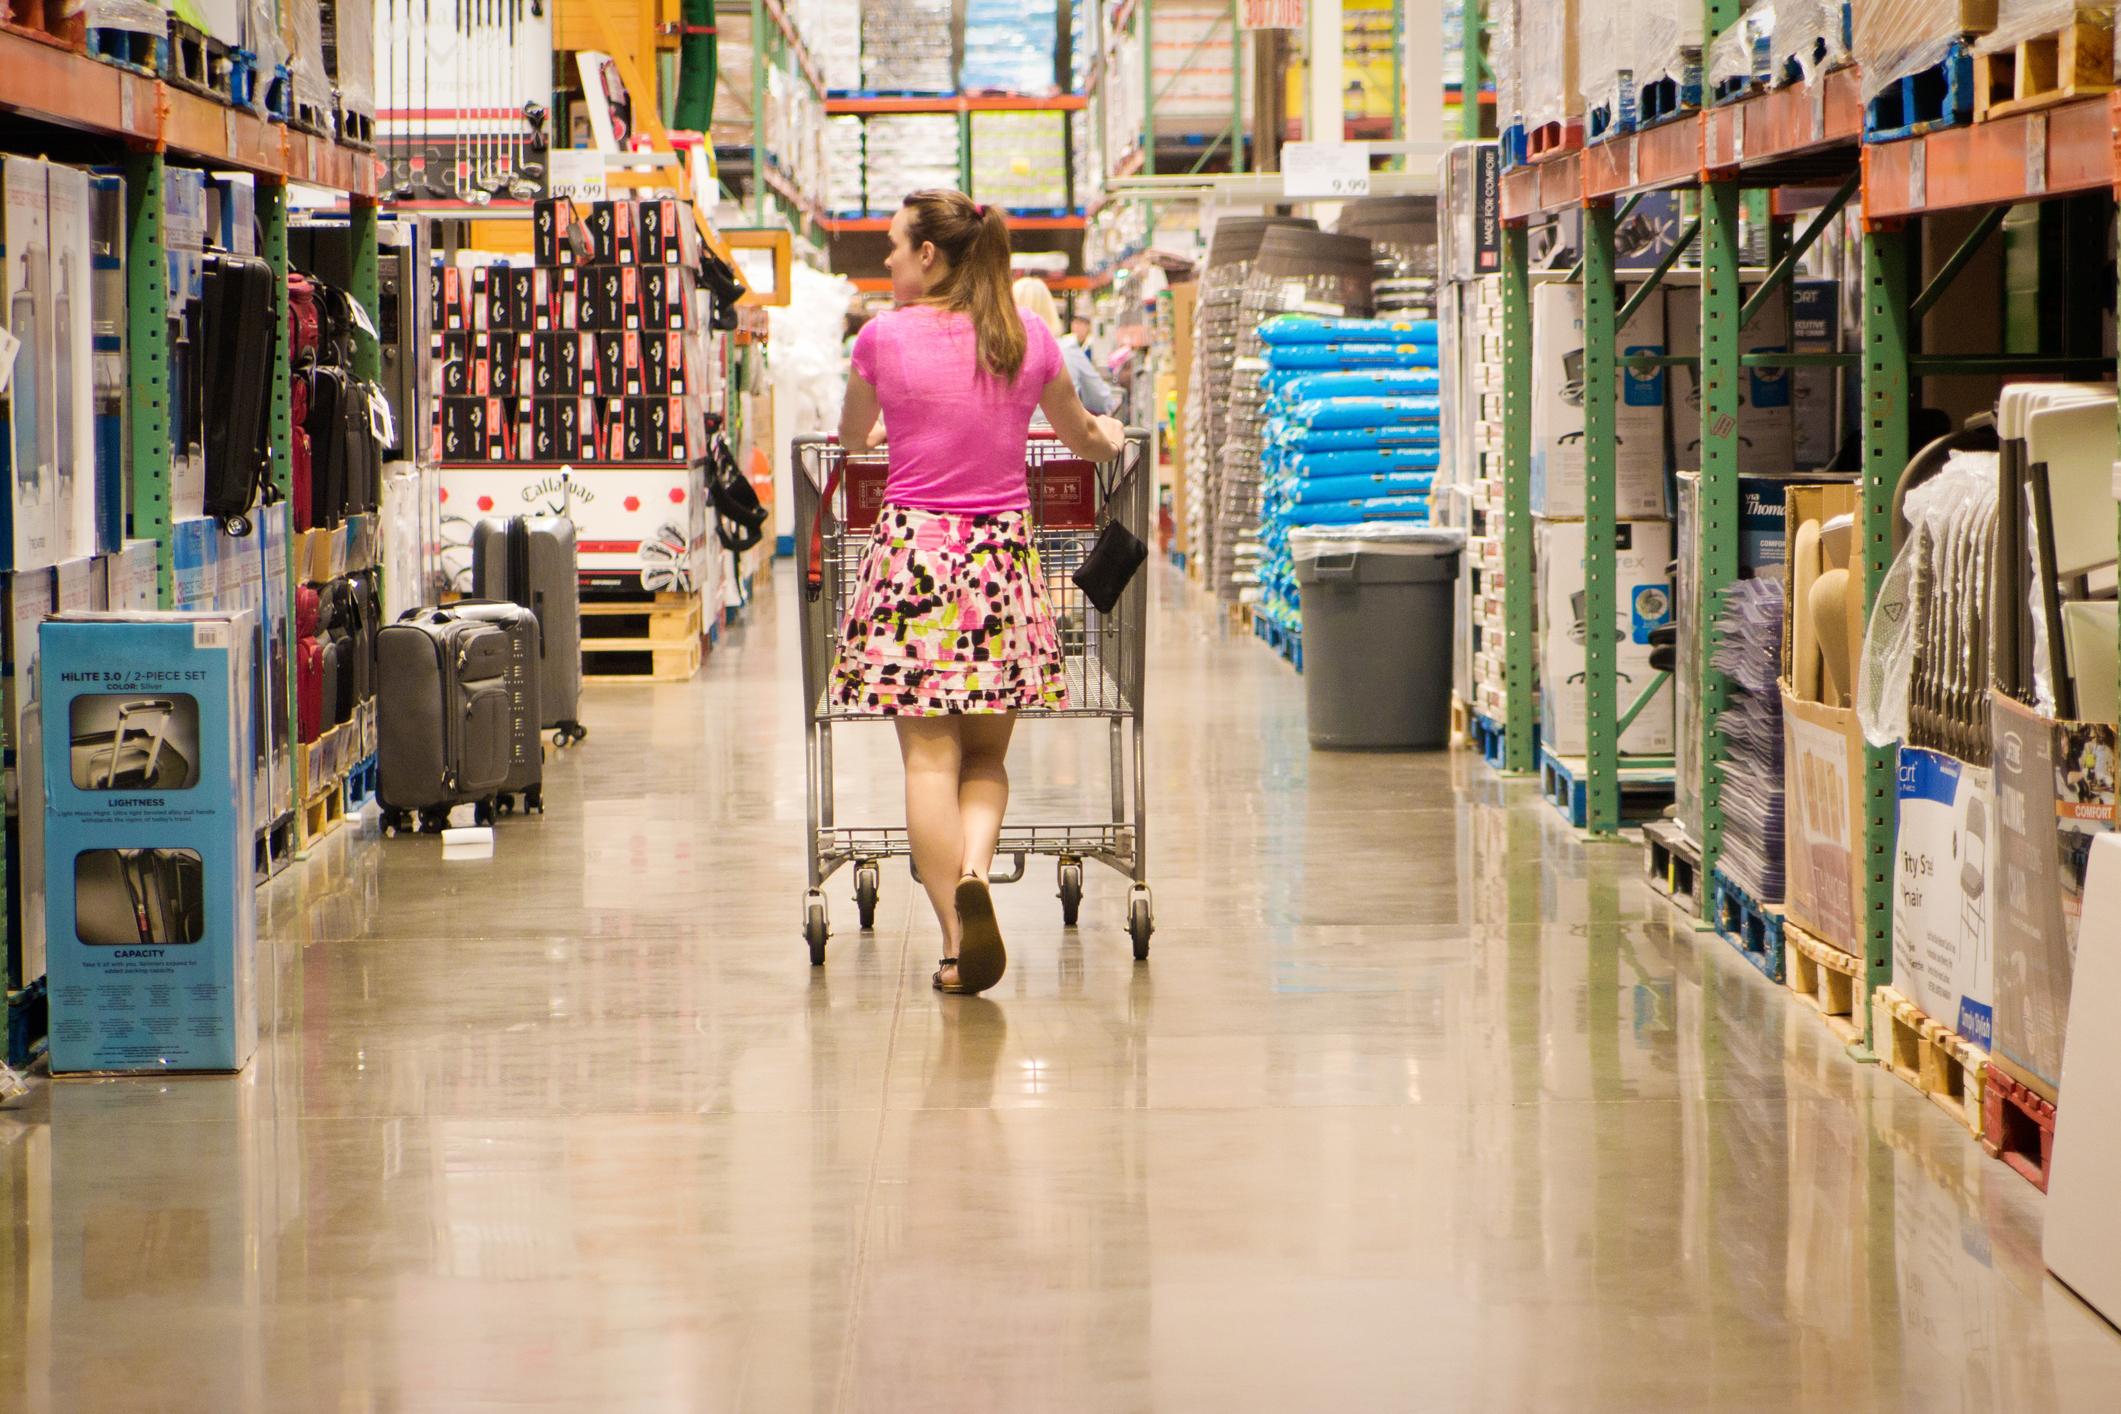 A customer browses aisles at a warehouse.